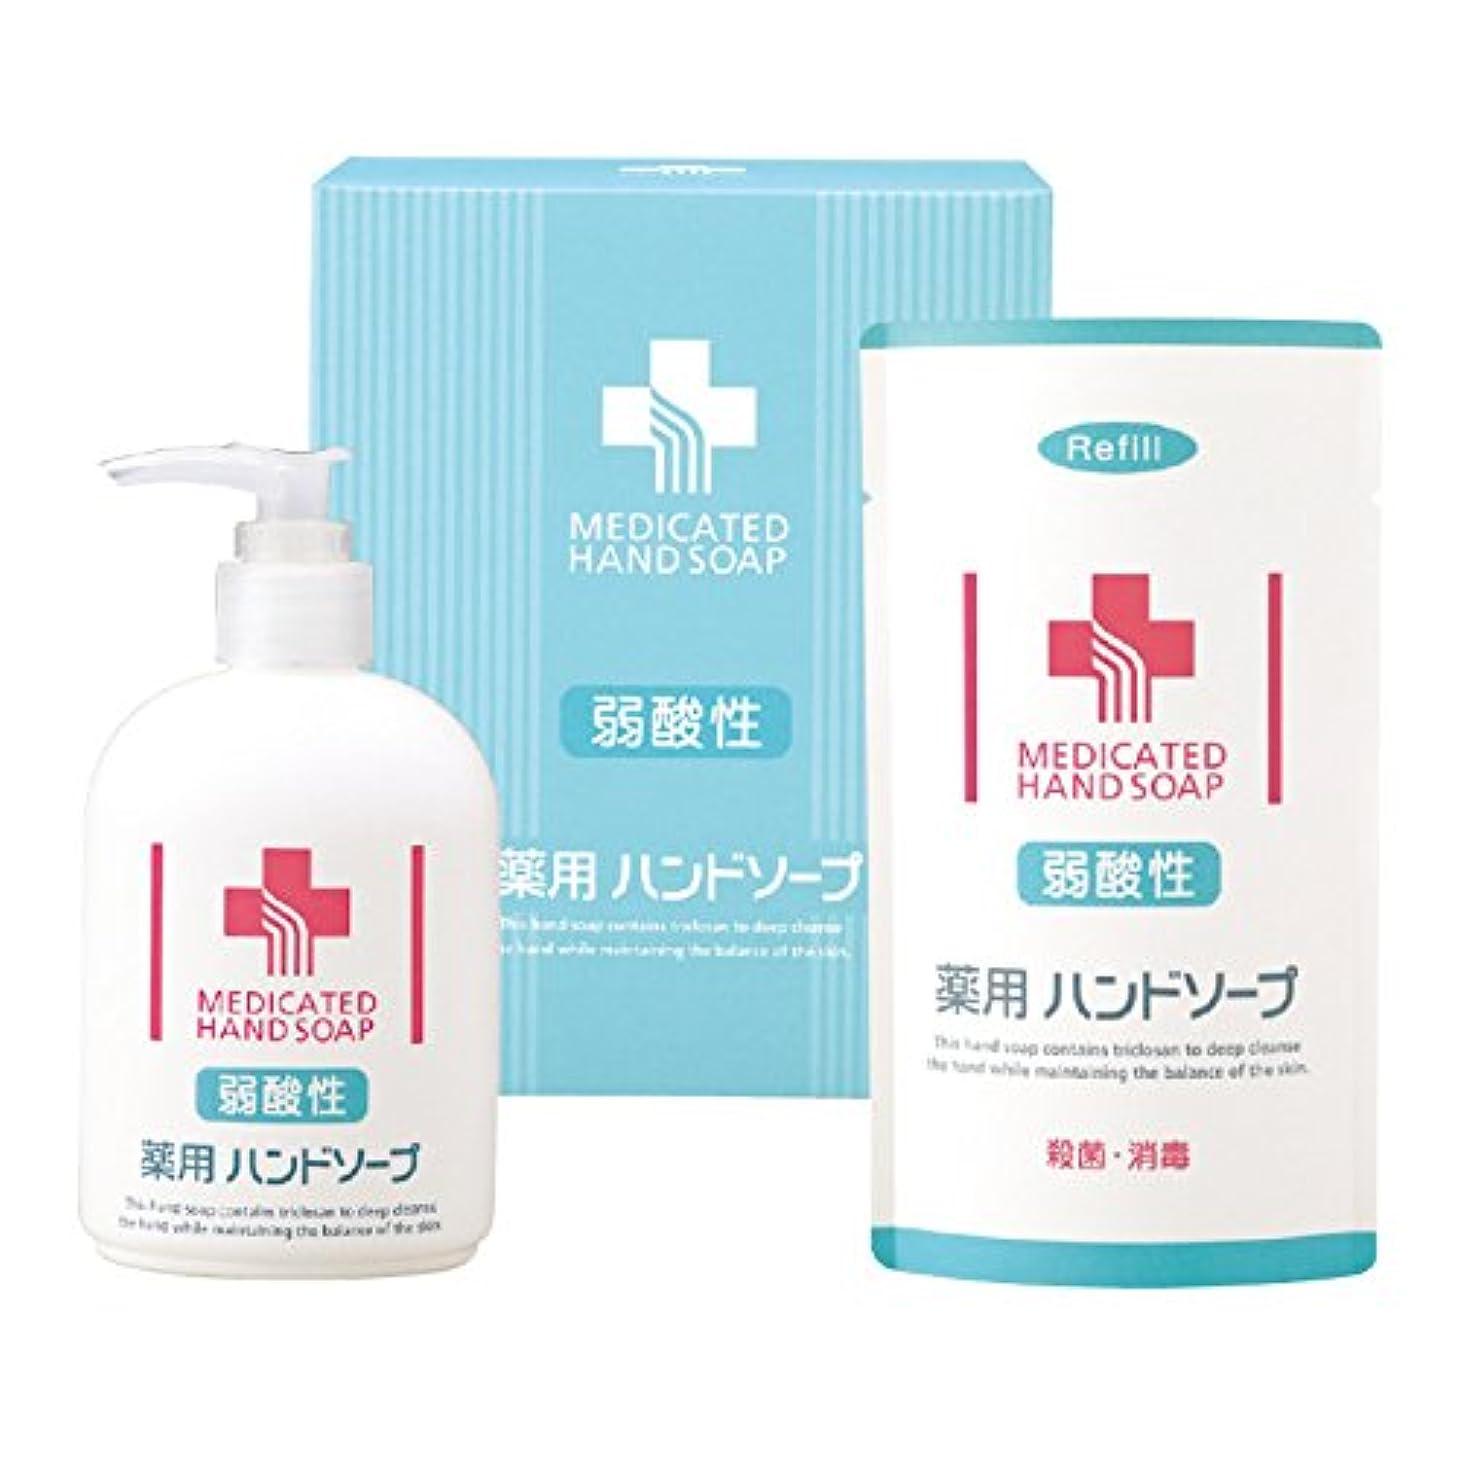 材料スペクトラムカウボーイ熊野油脂 弱酸性 薬用 ハンドソープセット No.763 2点セット